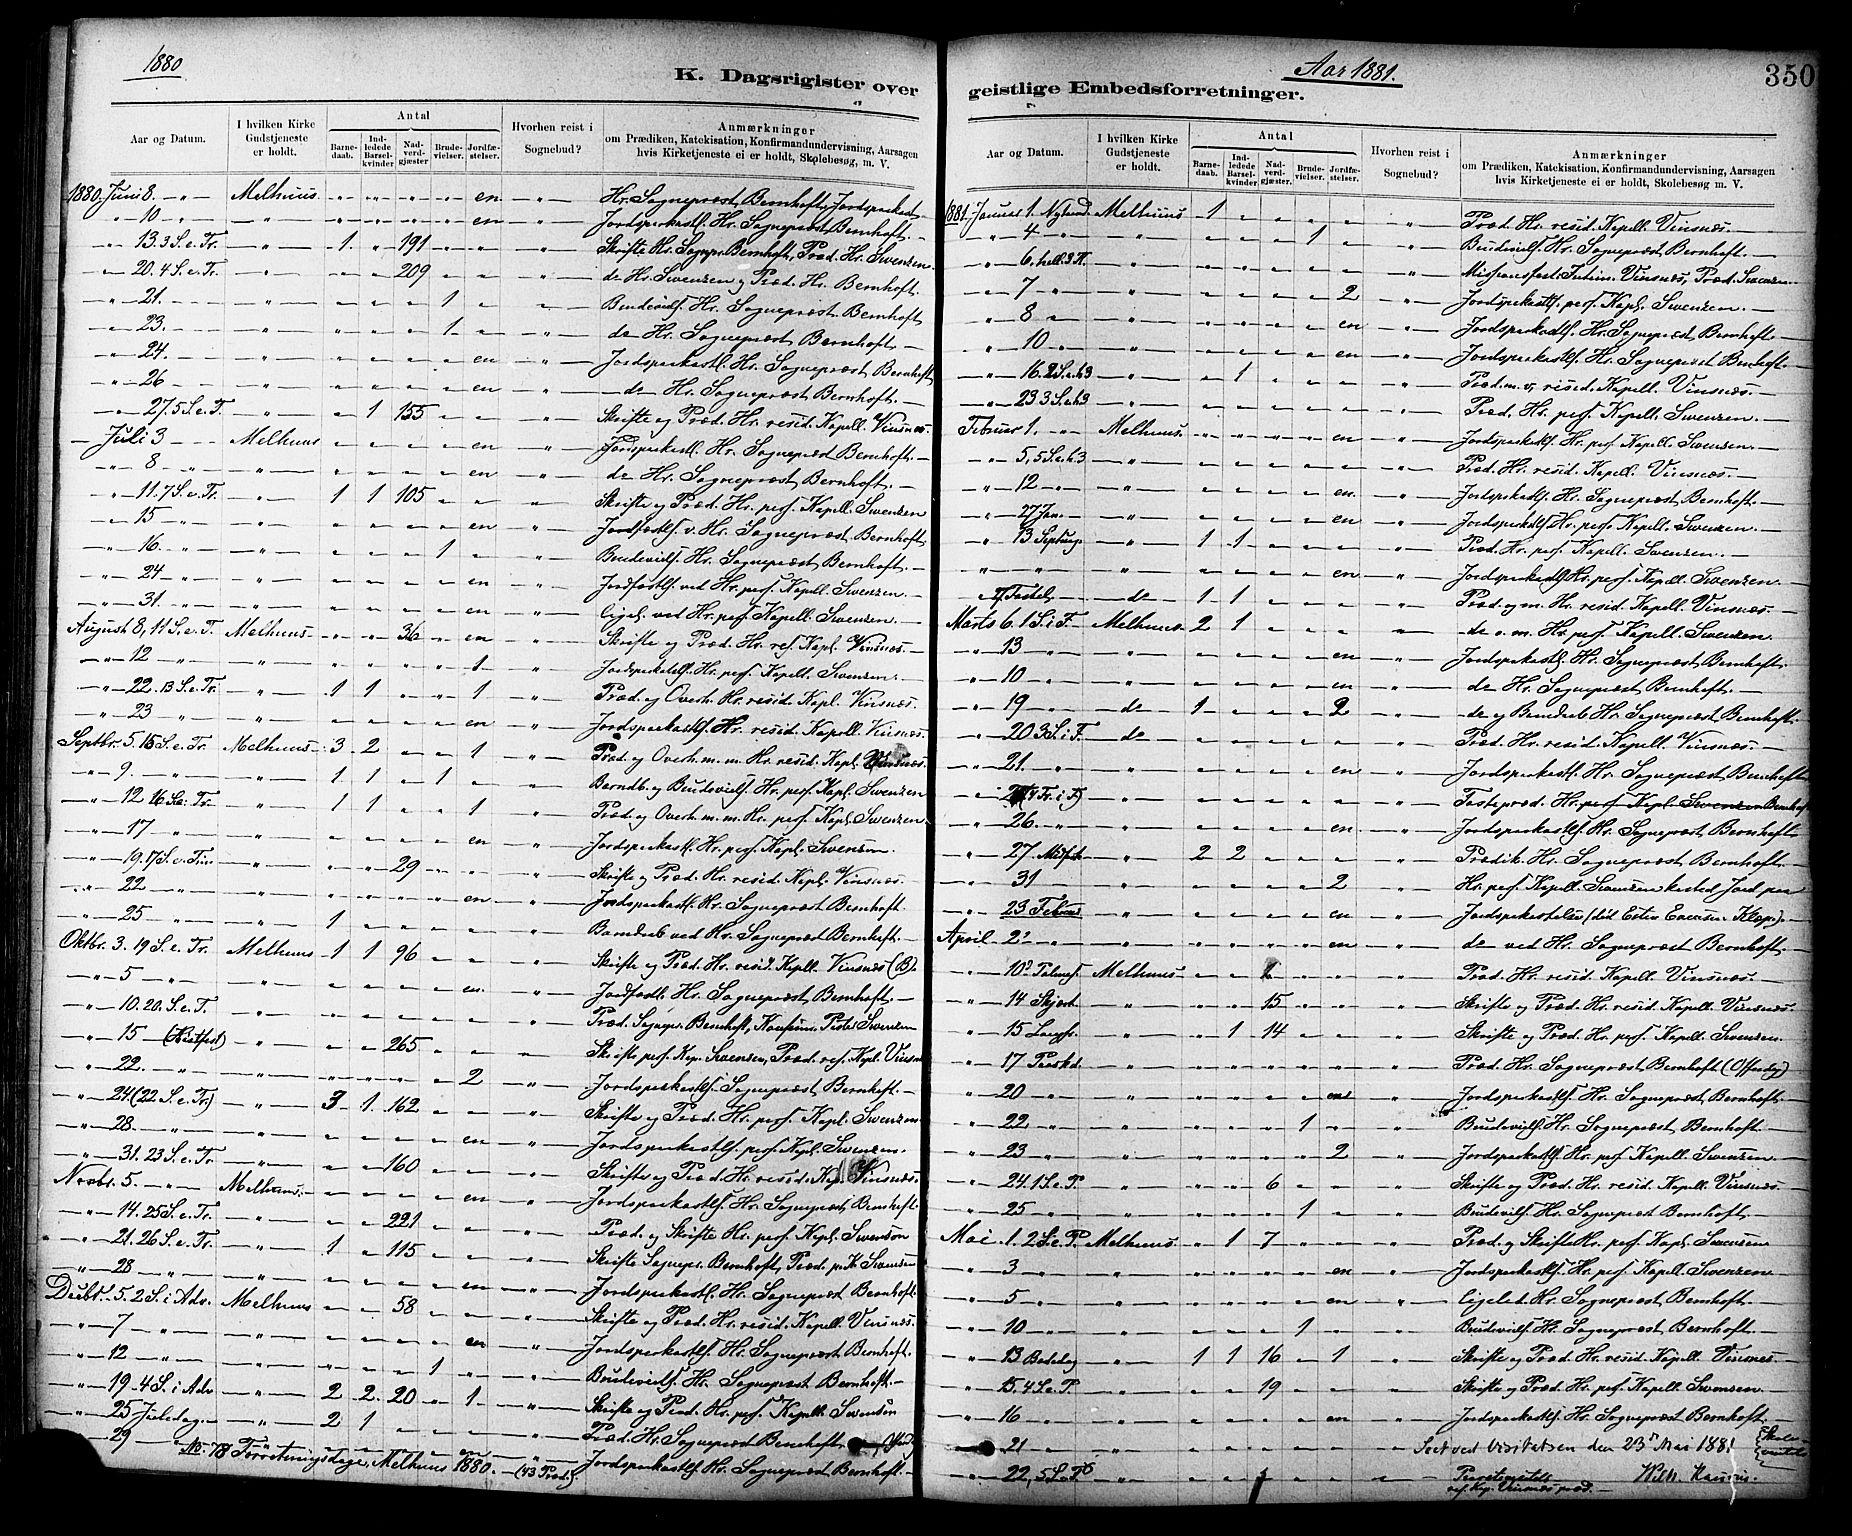 SAT, Ministerialprotokoller, klokkerbøker og fødselsregistre - Sør-Trøndelag, 691/L1094: Klokkerbok nr. 691C05, 1879-1911, s. 350